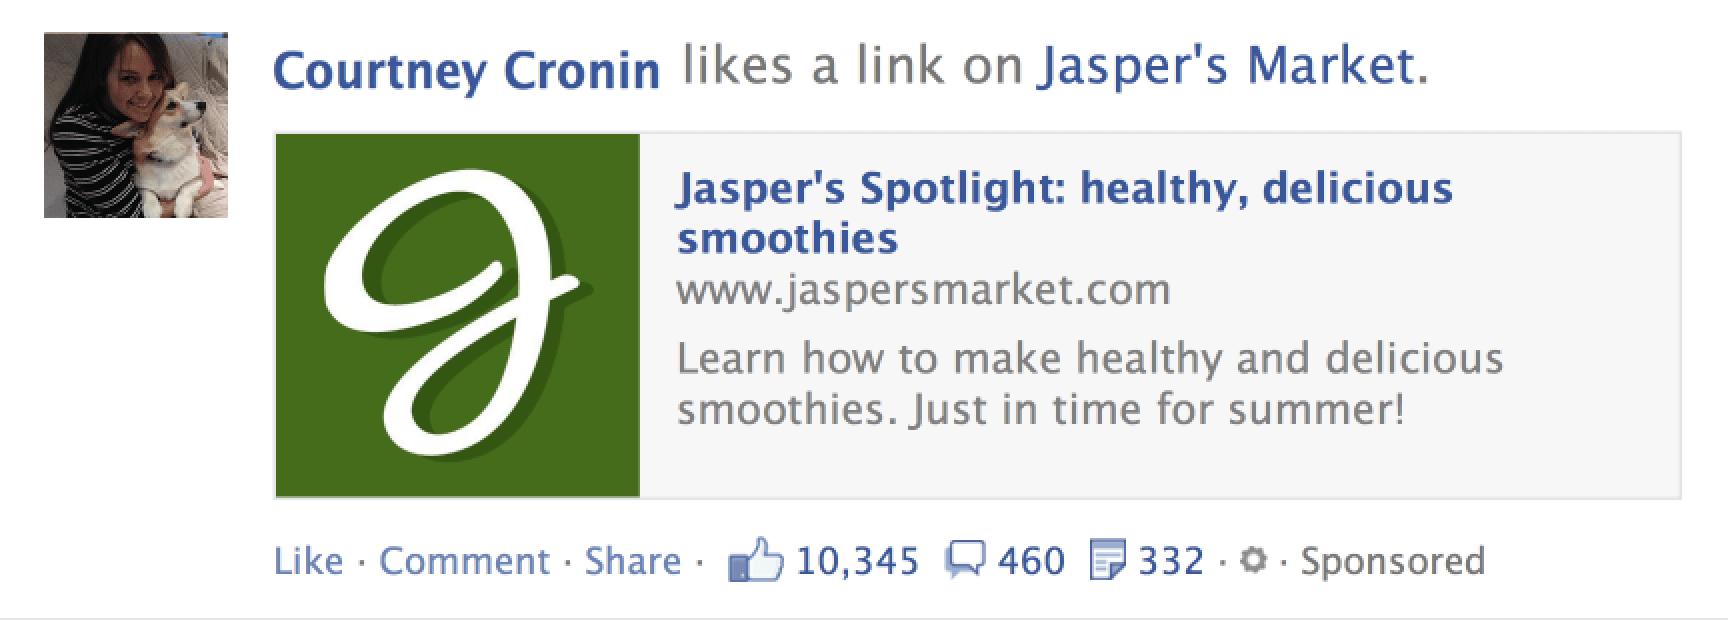 Las historias patrocinadas de Facebook recomendaban al usuario seguir a una página a la cual un amigo se había suscrito.